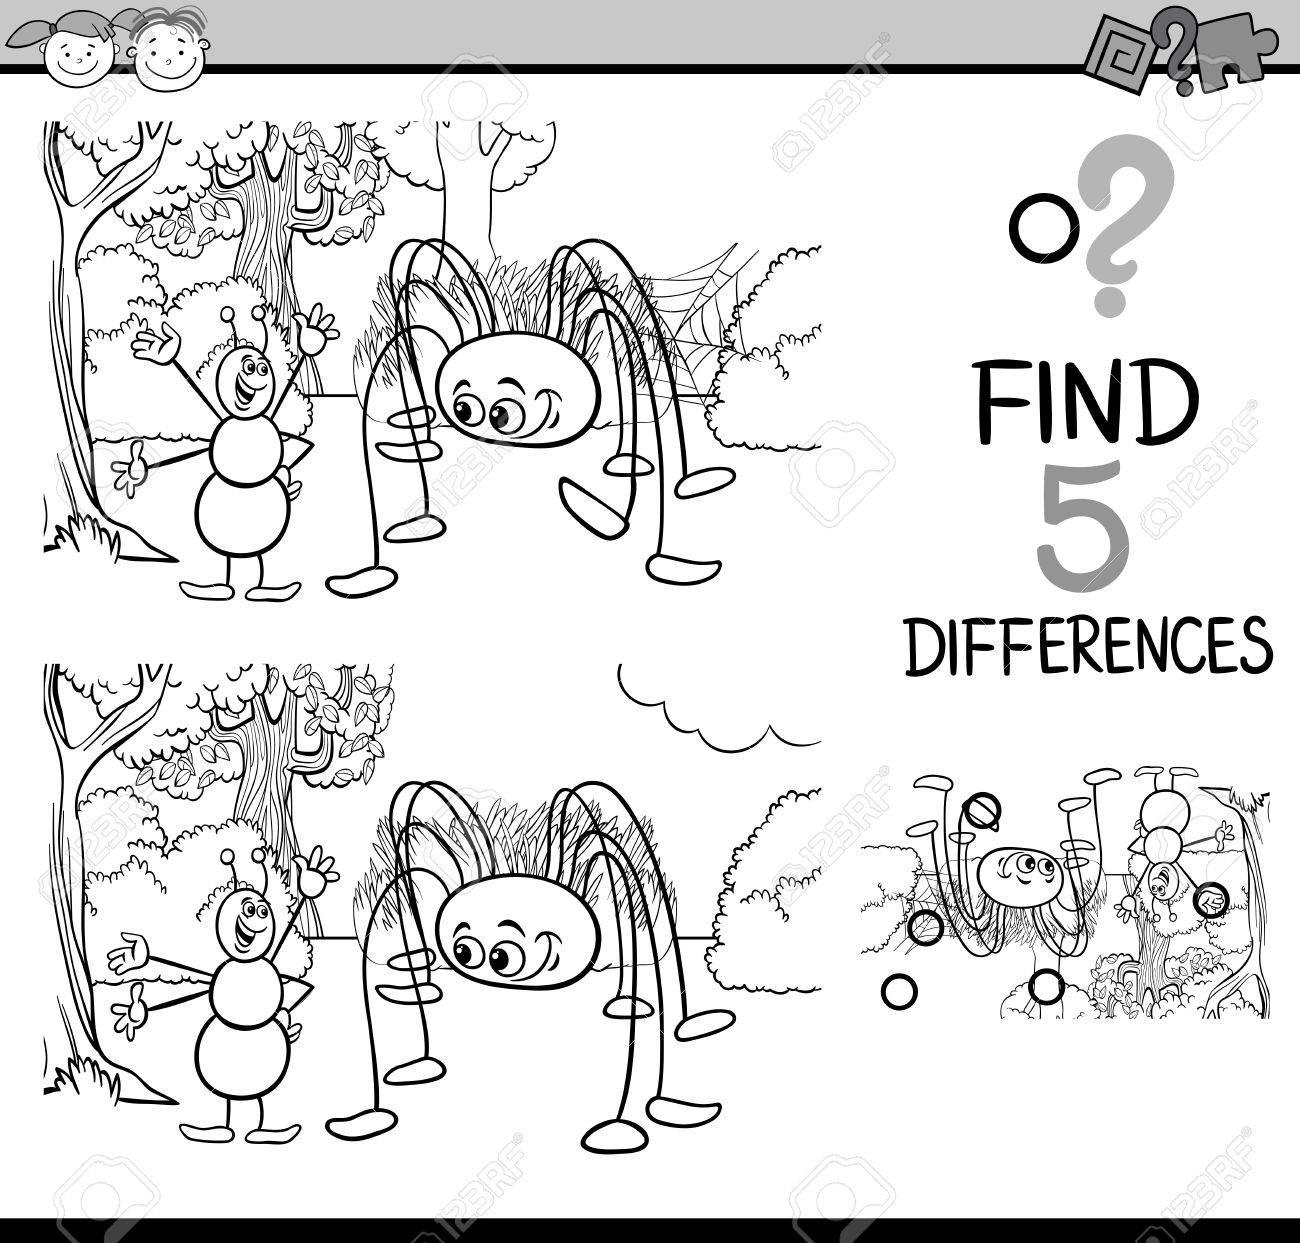 Dibujos Animados De Blanco Y Negro Ilustración De Encontrar Diferencias Para La Educación De Tareas Para Niños En Edad Preescolar Con Caracteres